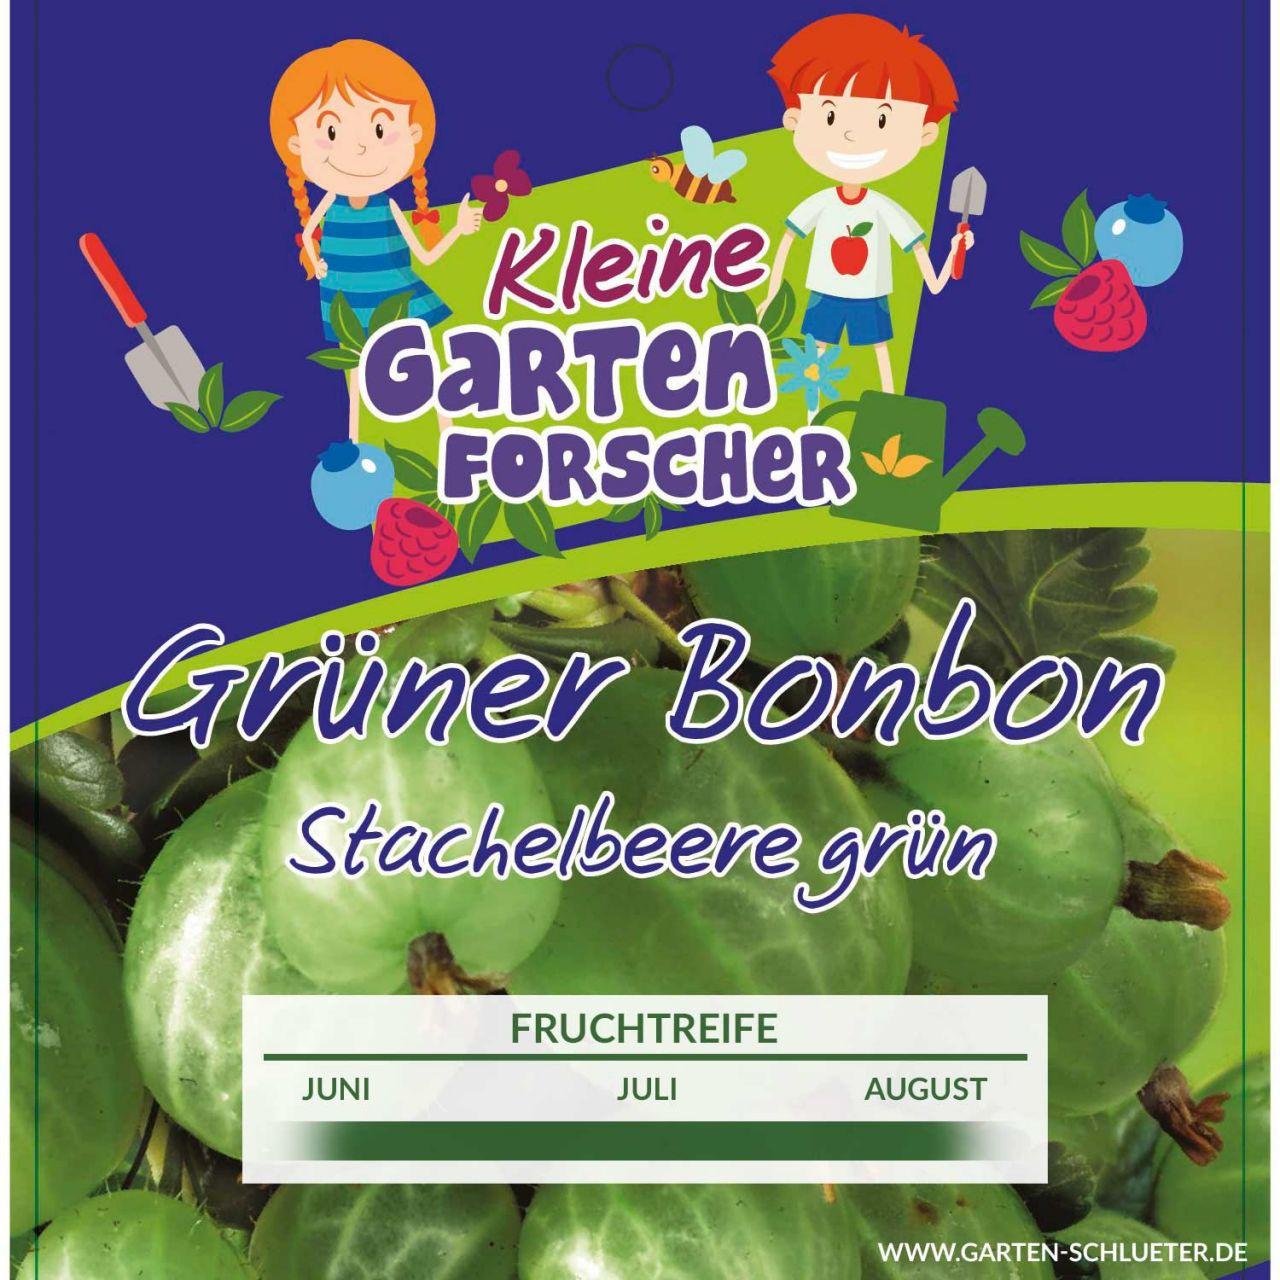 Grüne Stachelbeere 'Grüner Bonbon' Kleine Gartenforscher